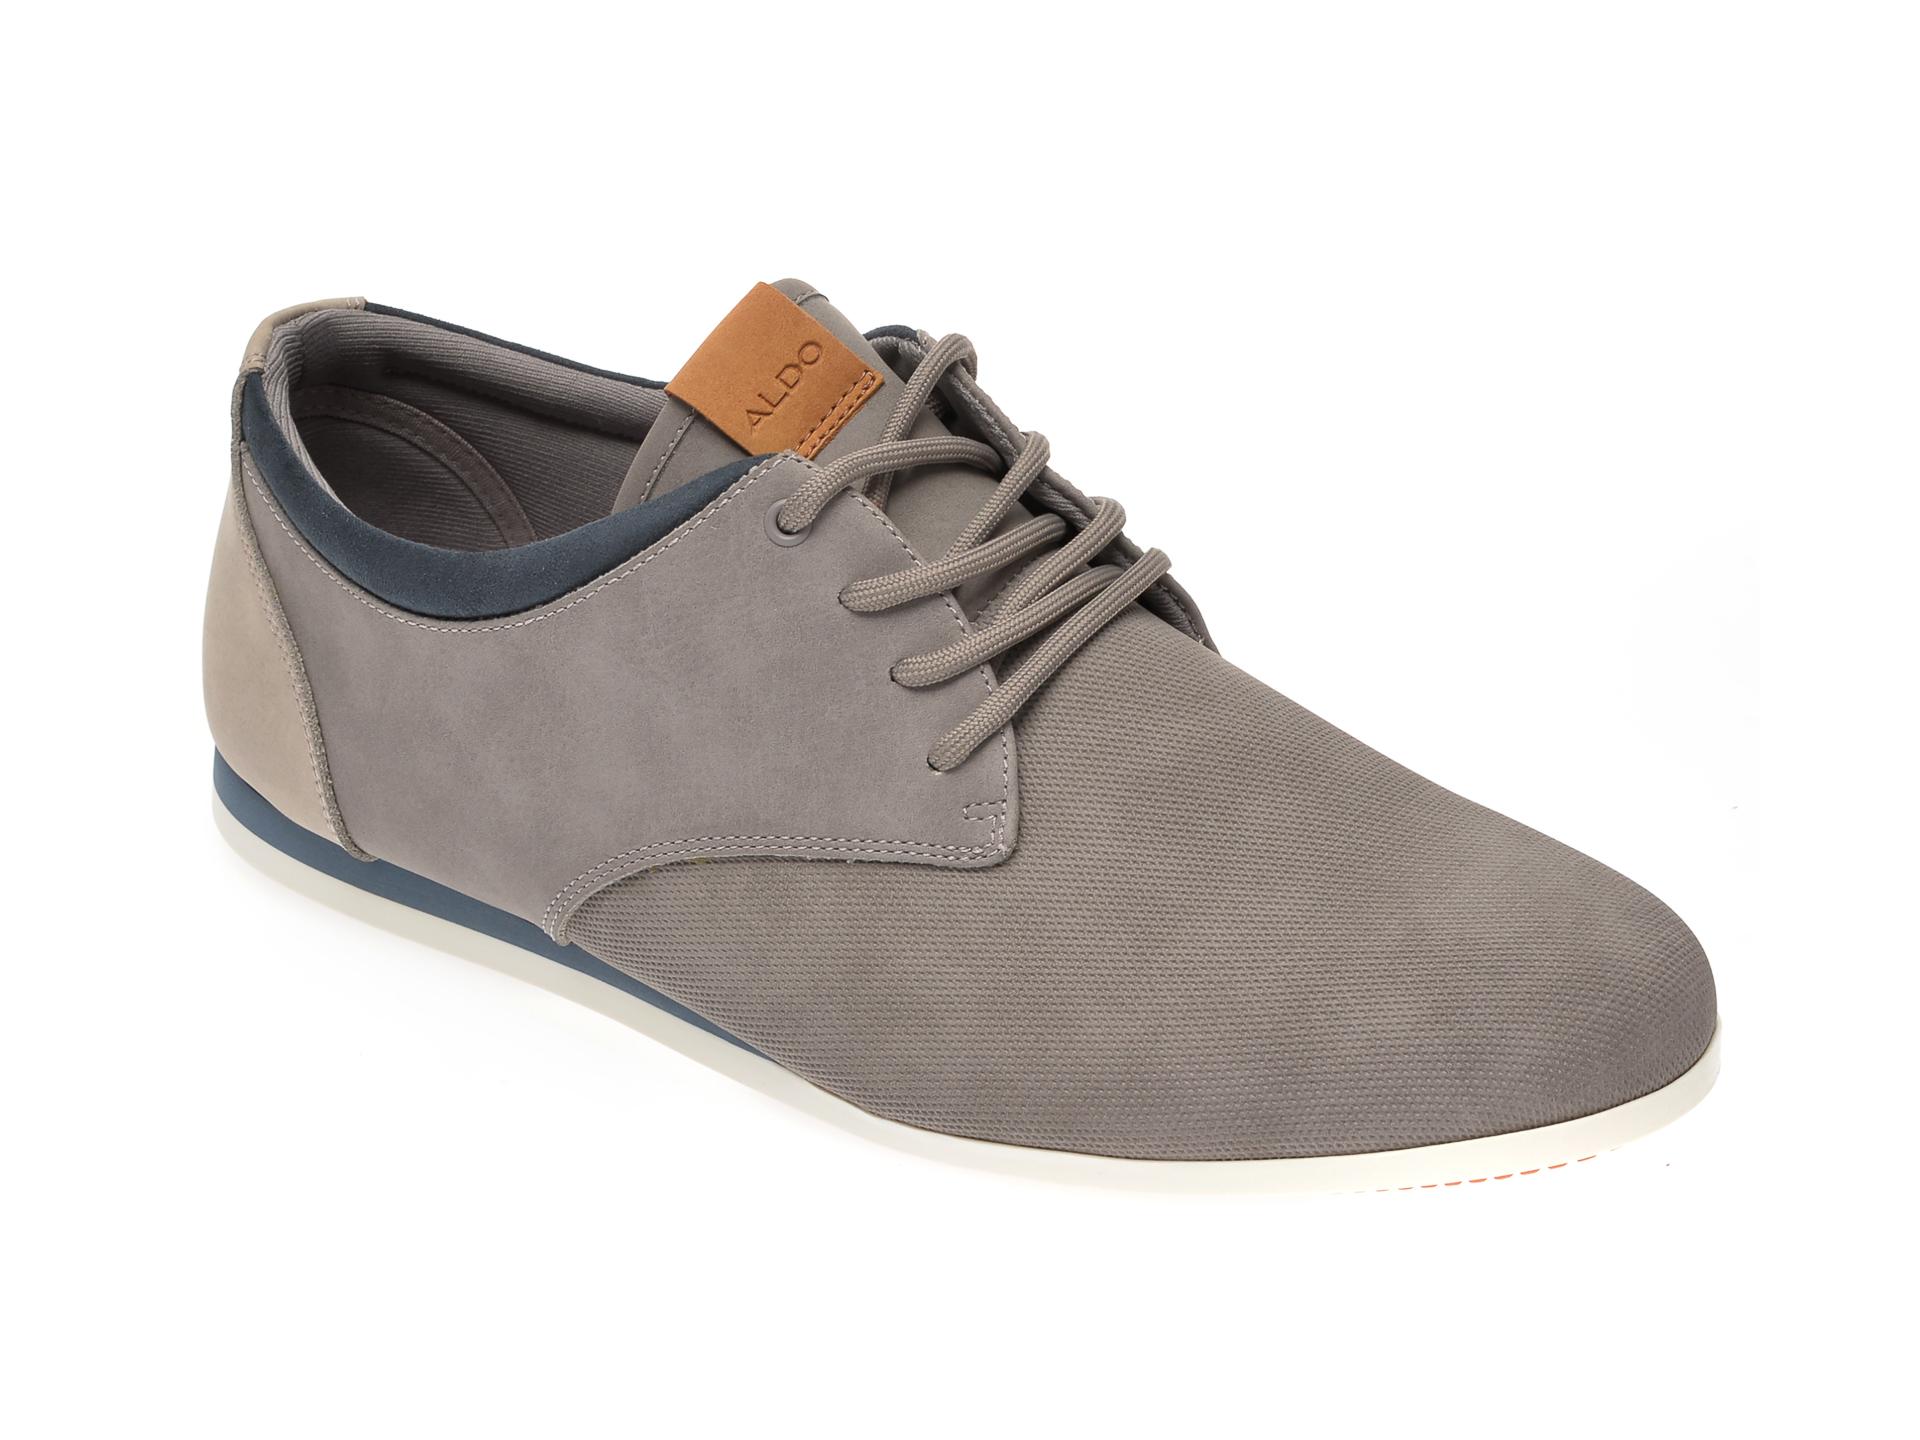 Pantofi ALDO gri, Aauwen-R020, din piele ecologica New